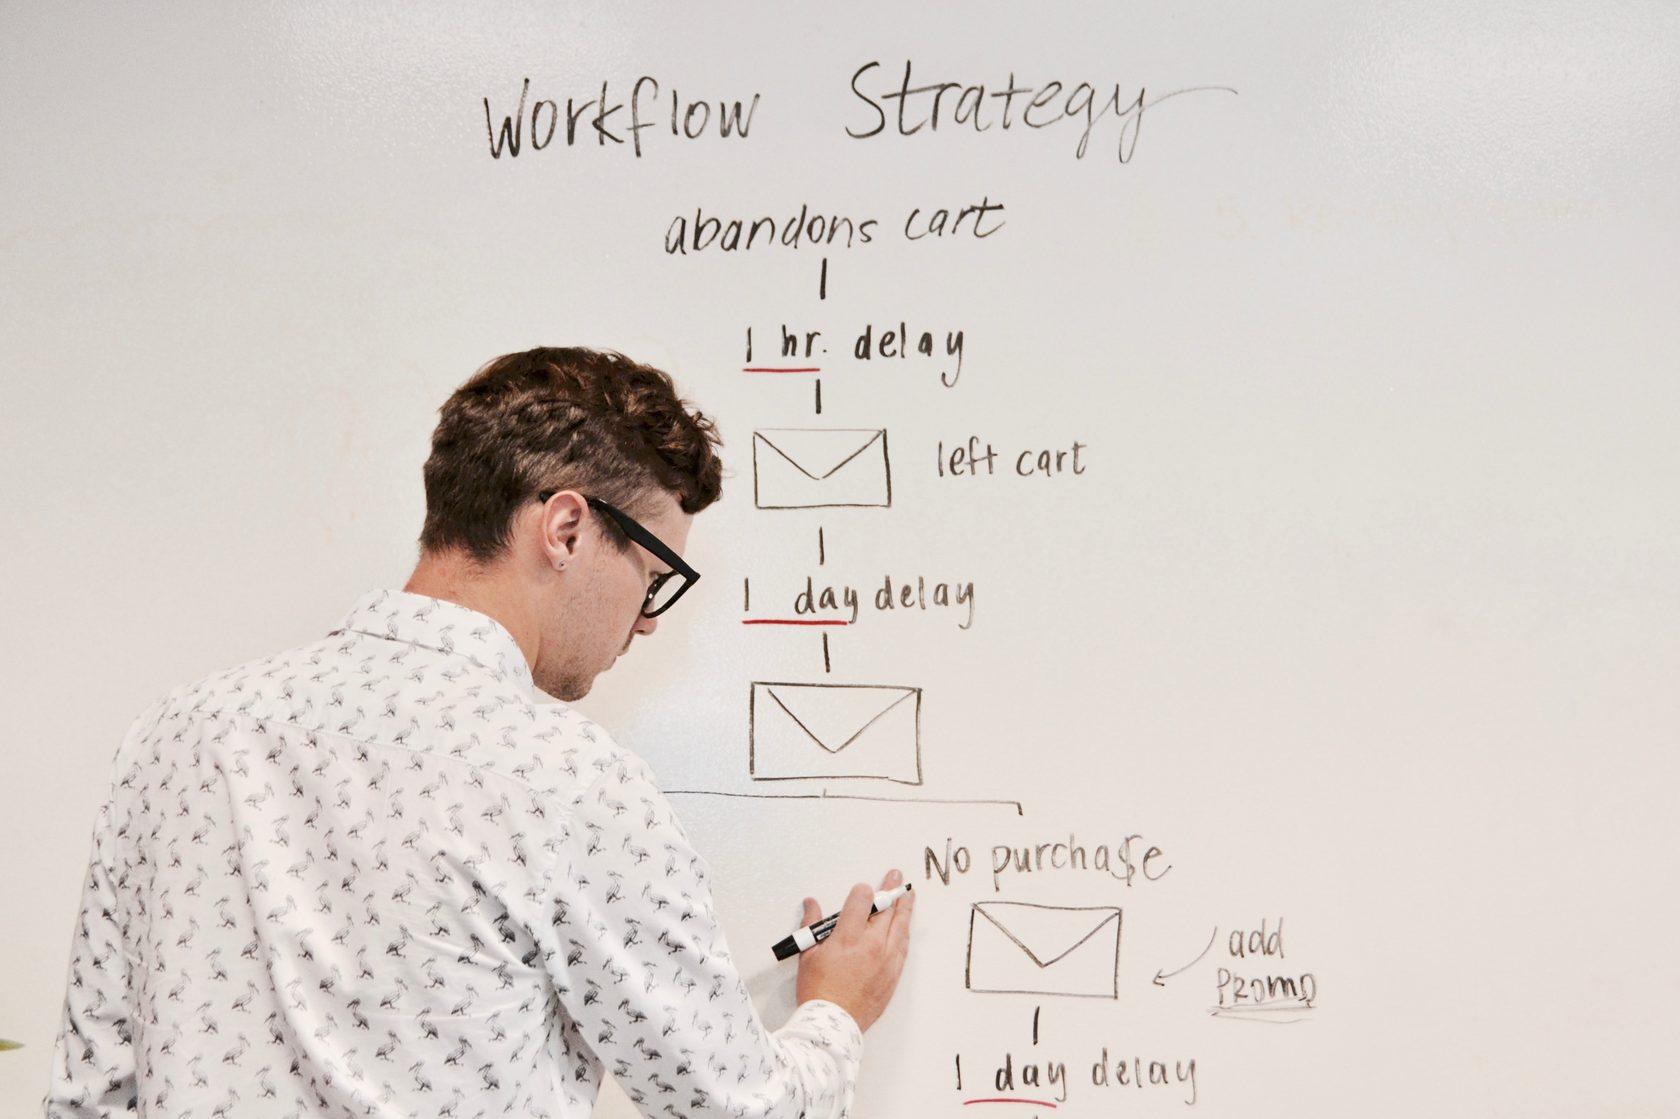 маркетинг для компании: что нужно знать про маркетинговую стратегию